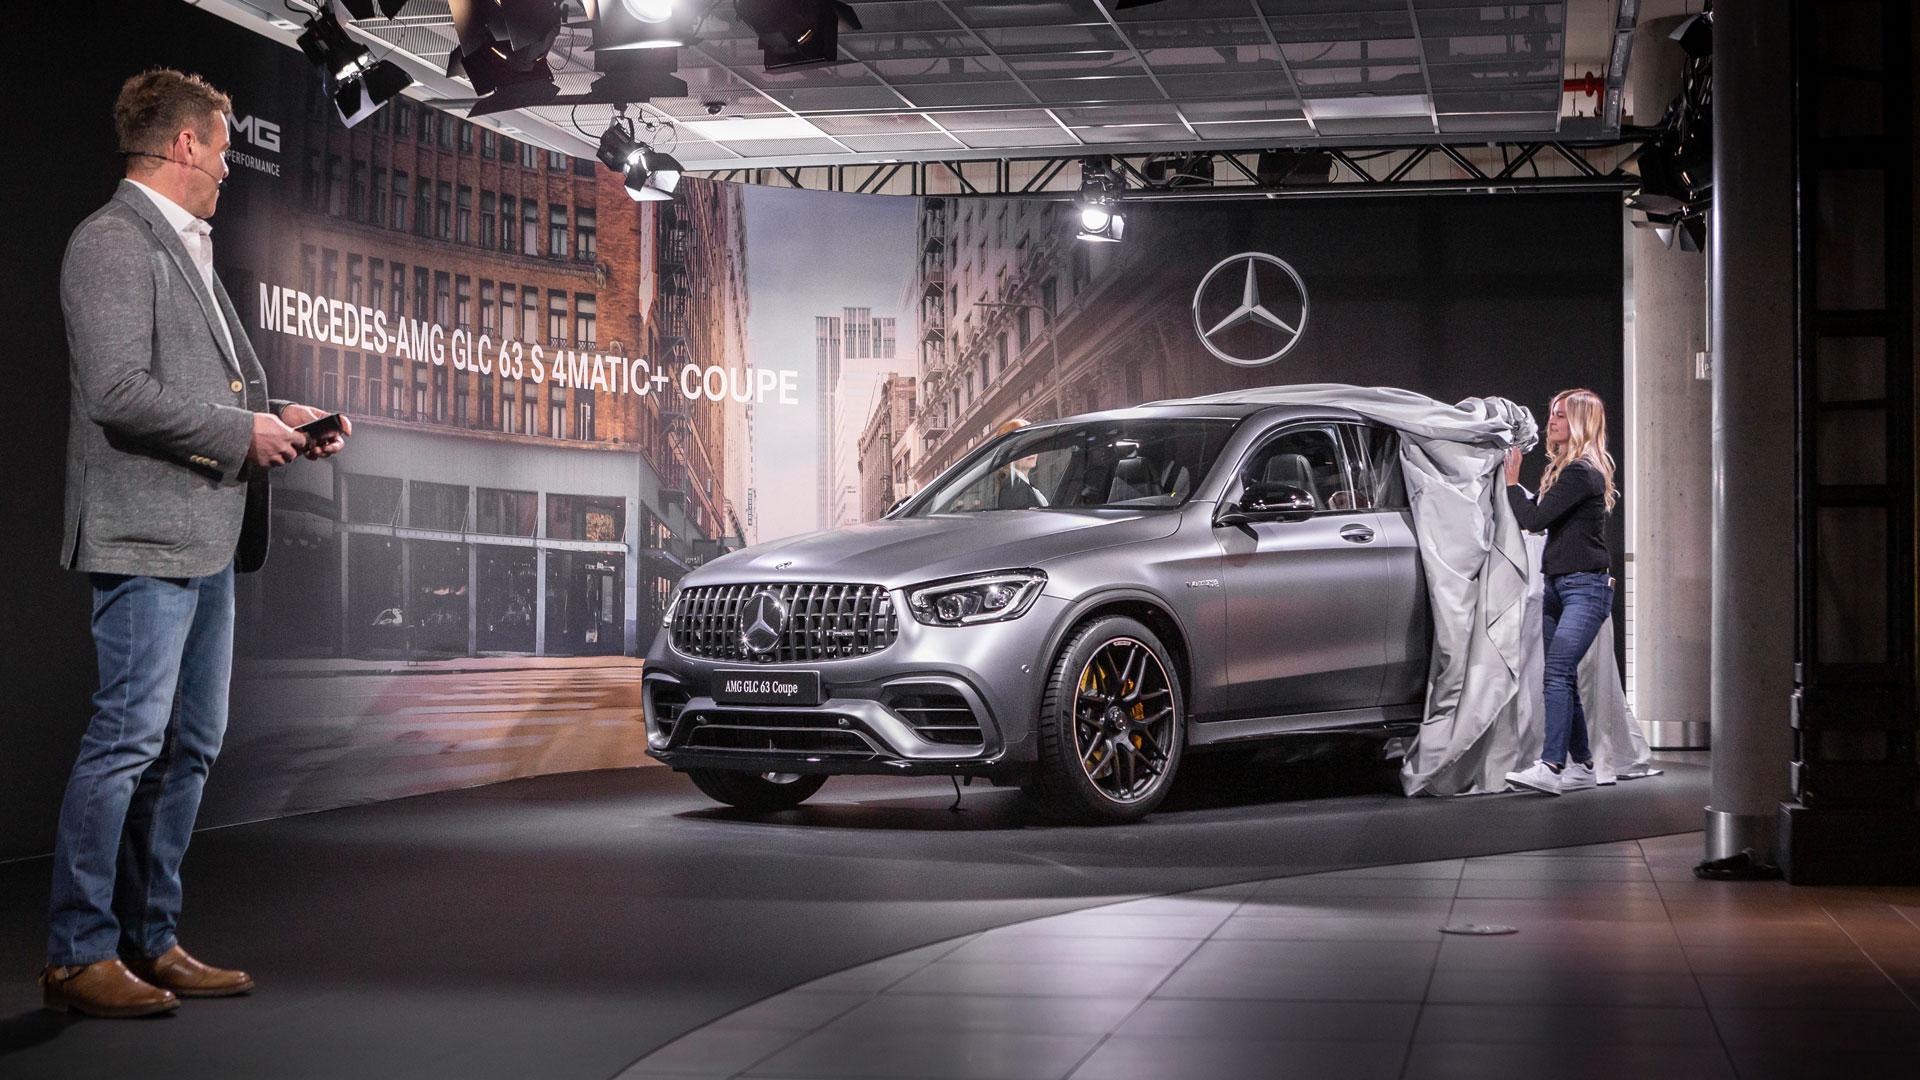 Mercedes-Benz покажет новый GLS-Class и новый Mercedes-AMG GLC 63 на этой неделе в Нью-Йорке